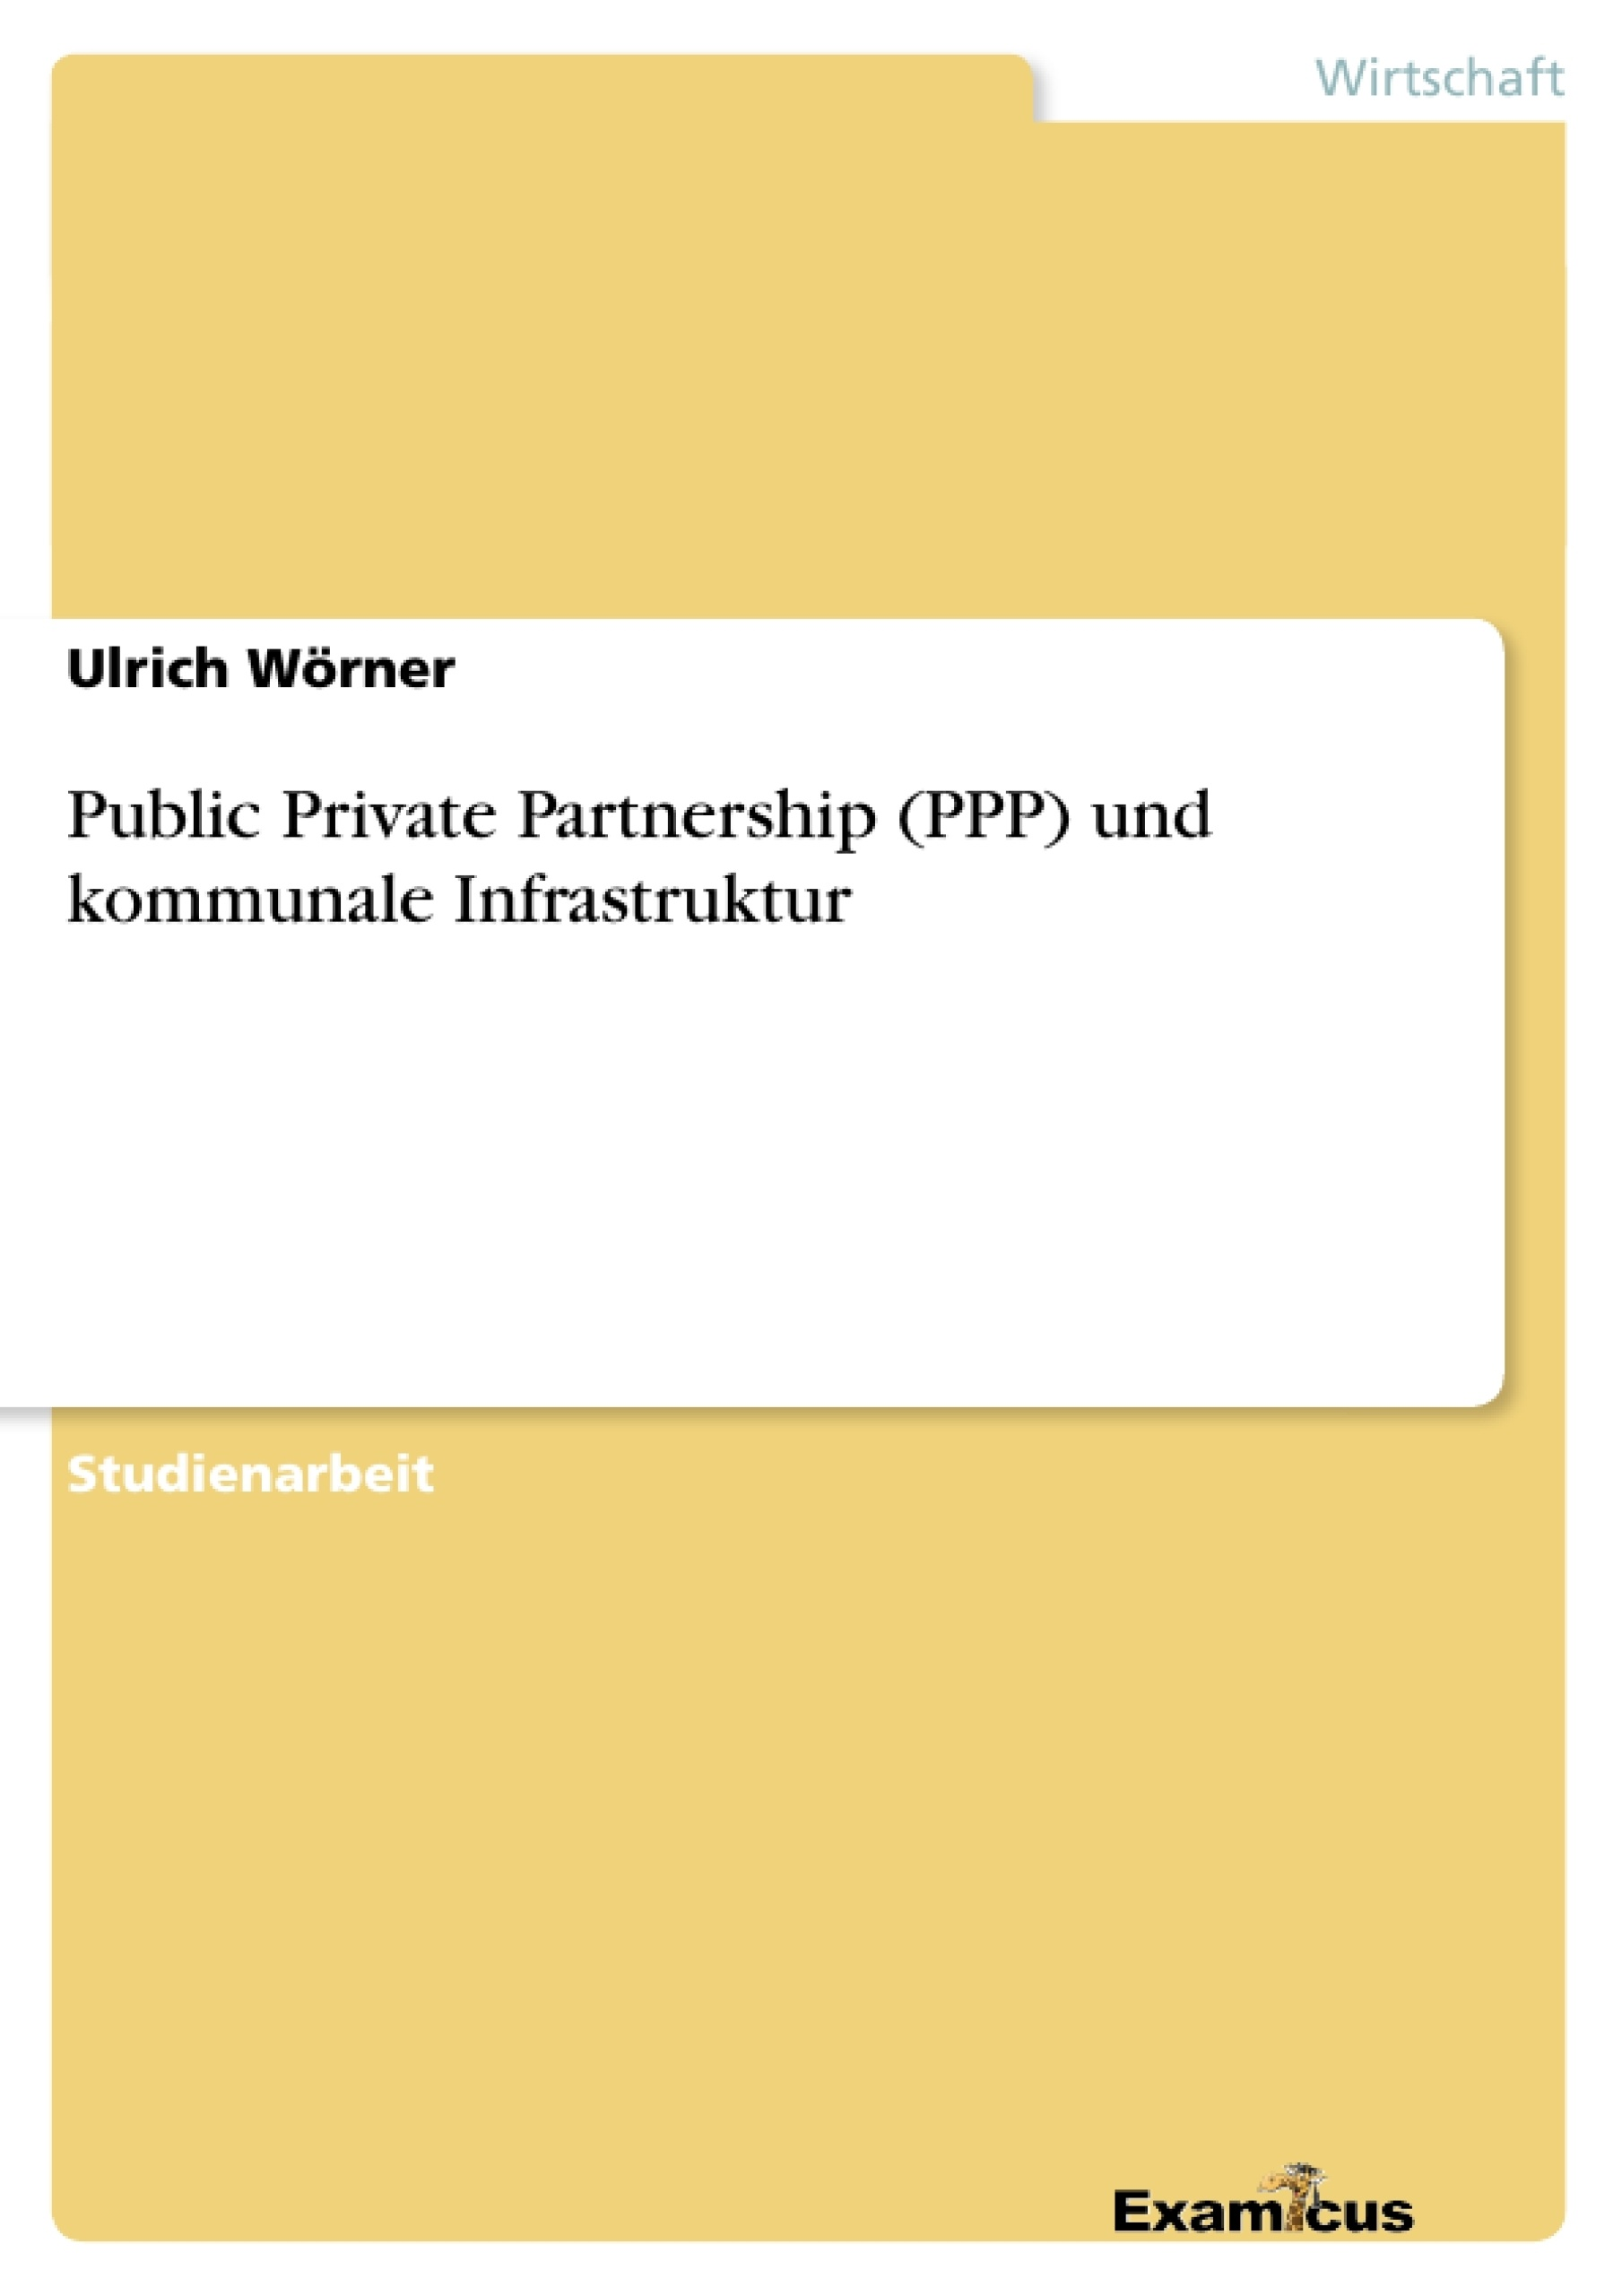 Titel: Public Private Partnership (PPP) und kommunale Infrastruktur